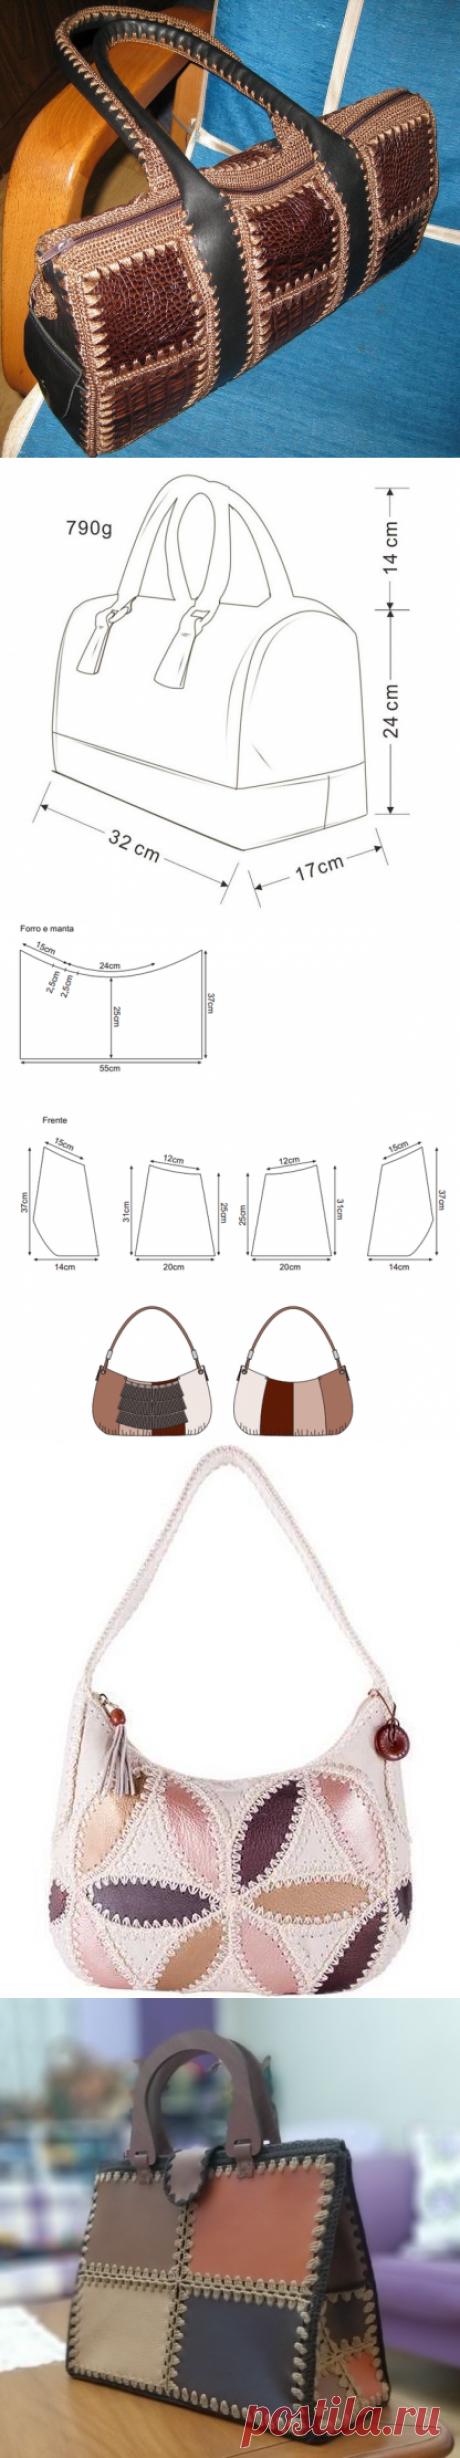 Кожаный лоскуток + вязальный крючок = сумка своими руками! Идеи и примеры для вдохновения! Выкройки и шаблоны для воплощения! | Юлия Жданова | Яндекс Дзен